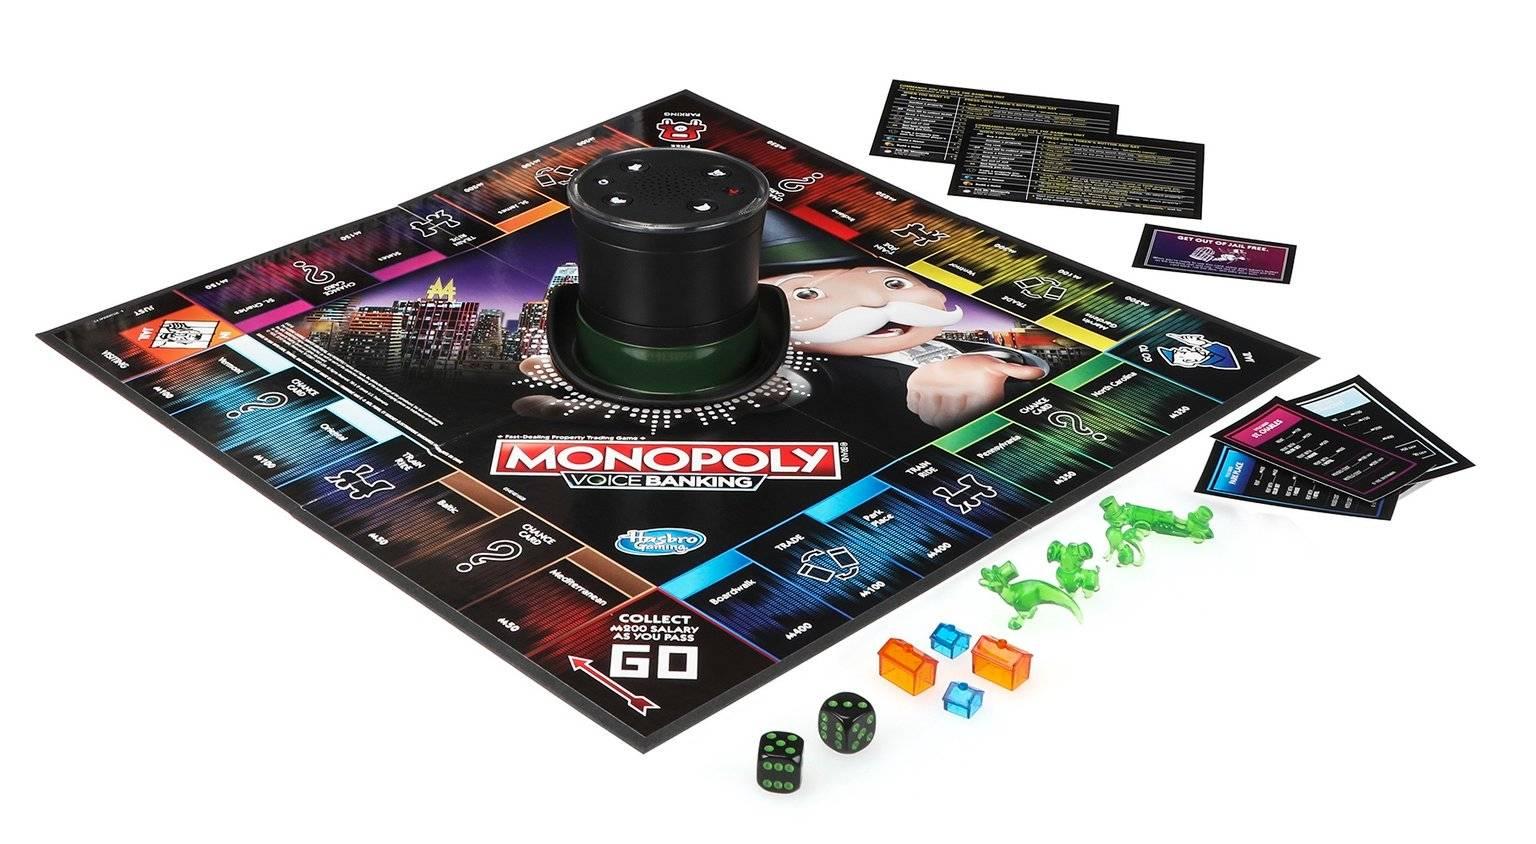 Monopoly voz